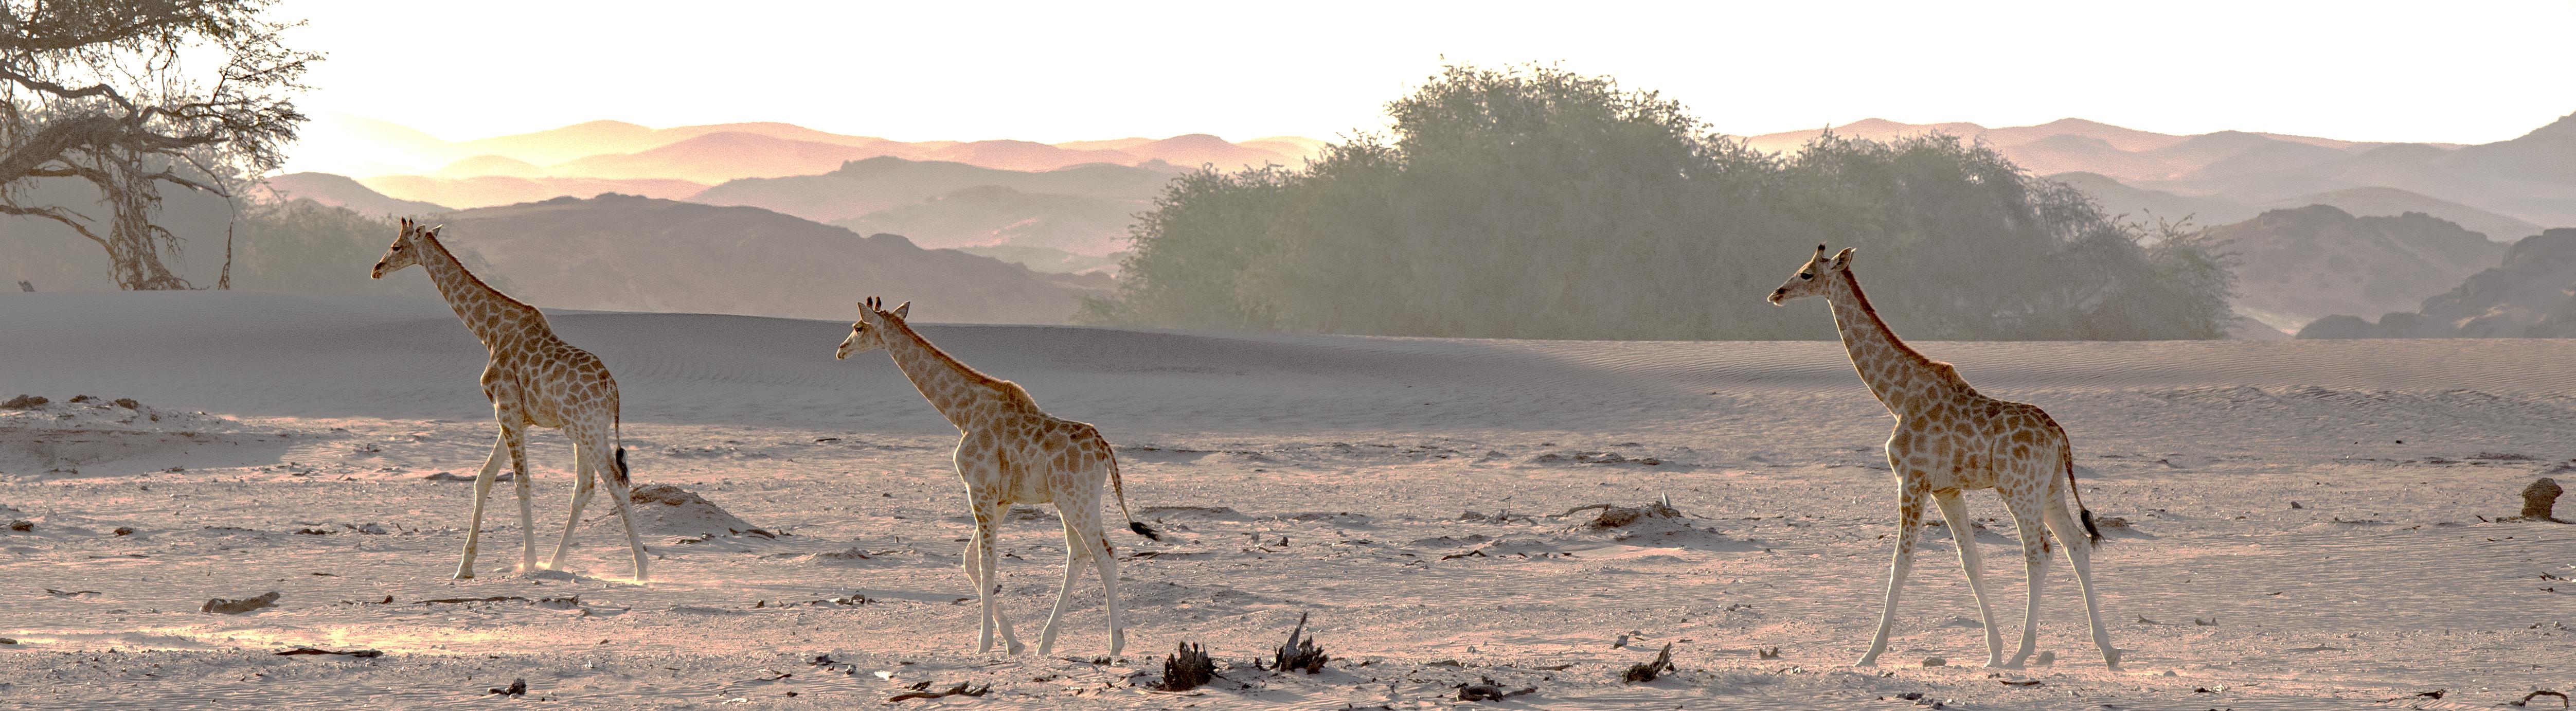 75O0587_sunlit_giraffes_color